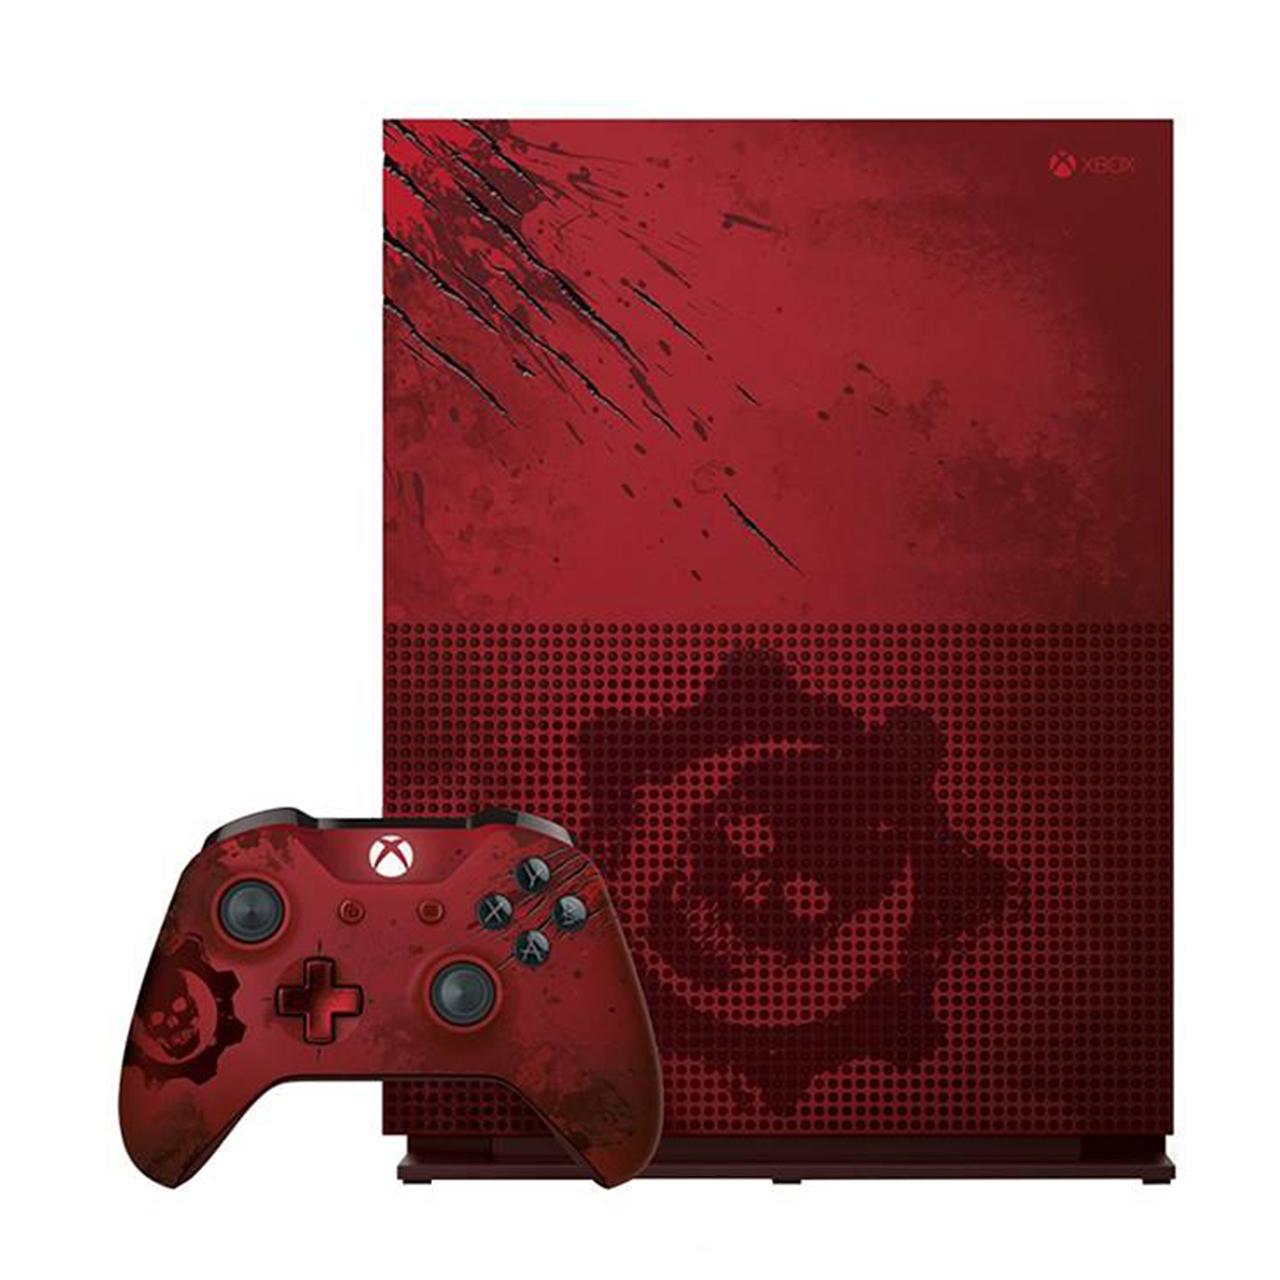 مجموعه کنسول بازی مایکروسافت مدل Xbox One S ظرفیت 2 ترابایت بهمراه ۷۰ عدد بازی